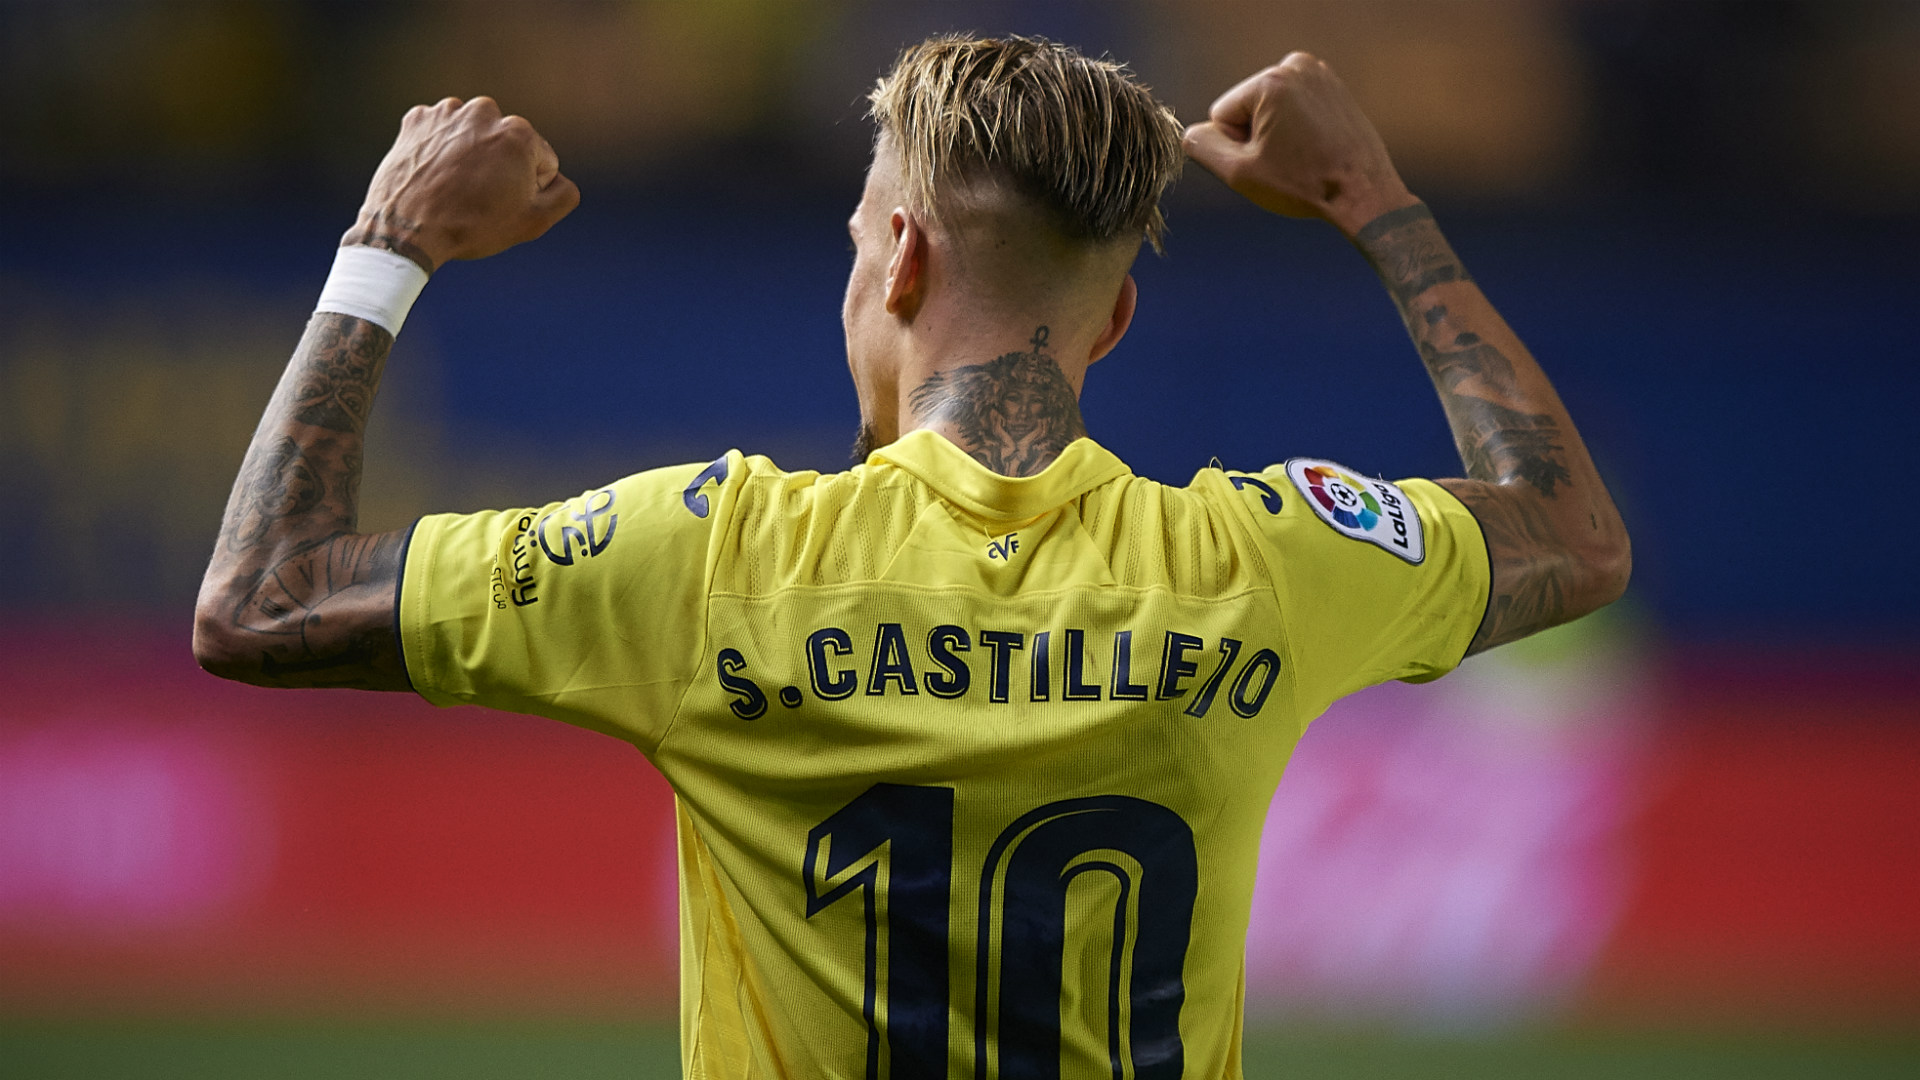 Milan scatenato, preso anche Castillejo. E Bacca torna al Villarreal